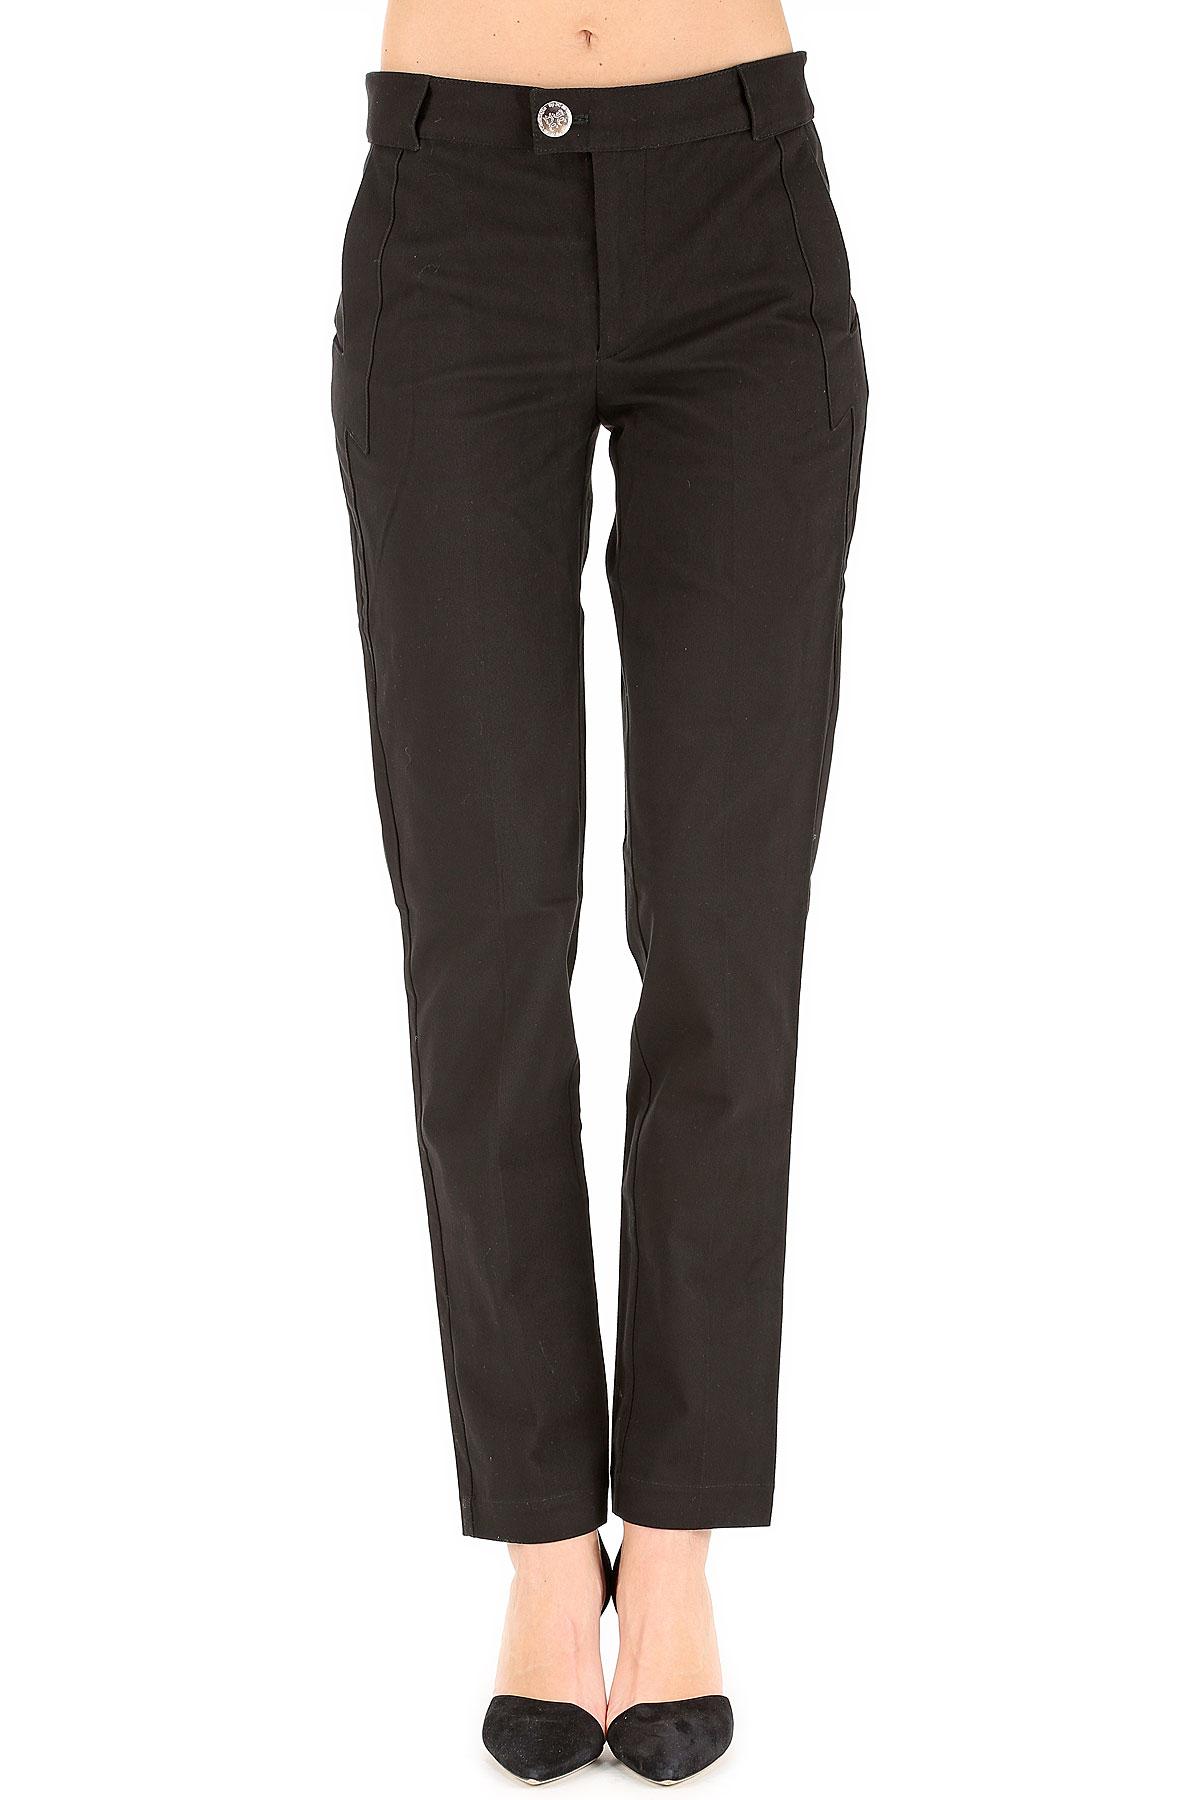 JC de CASTELBAJAC Pantalon Femme Pas cher en Soldes Outlet, Noir, Coton, 2017, 40 46